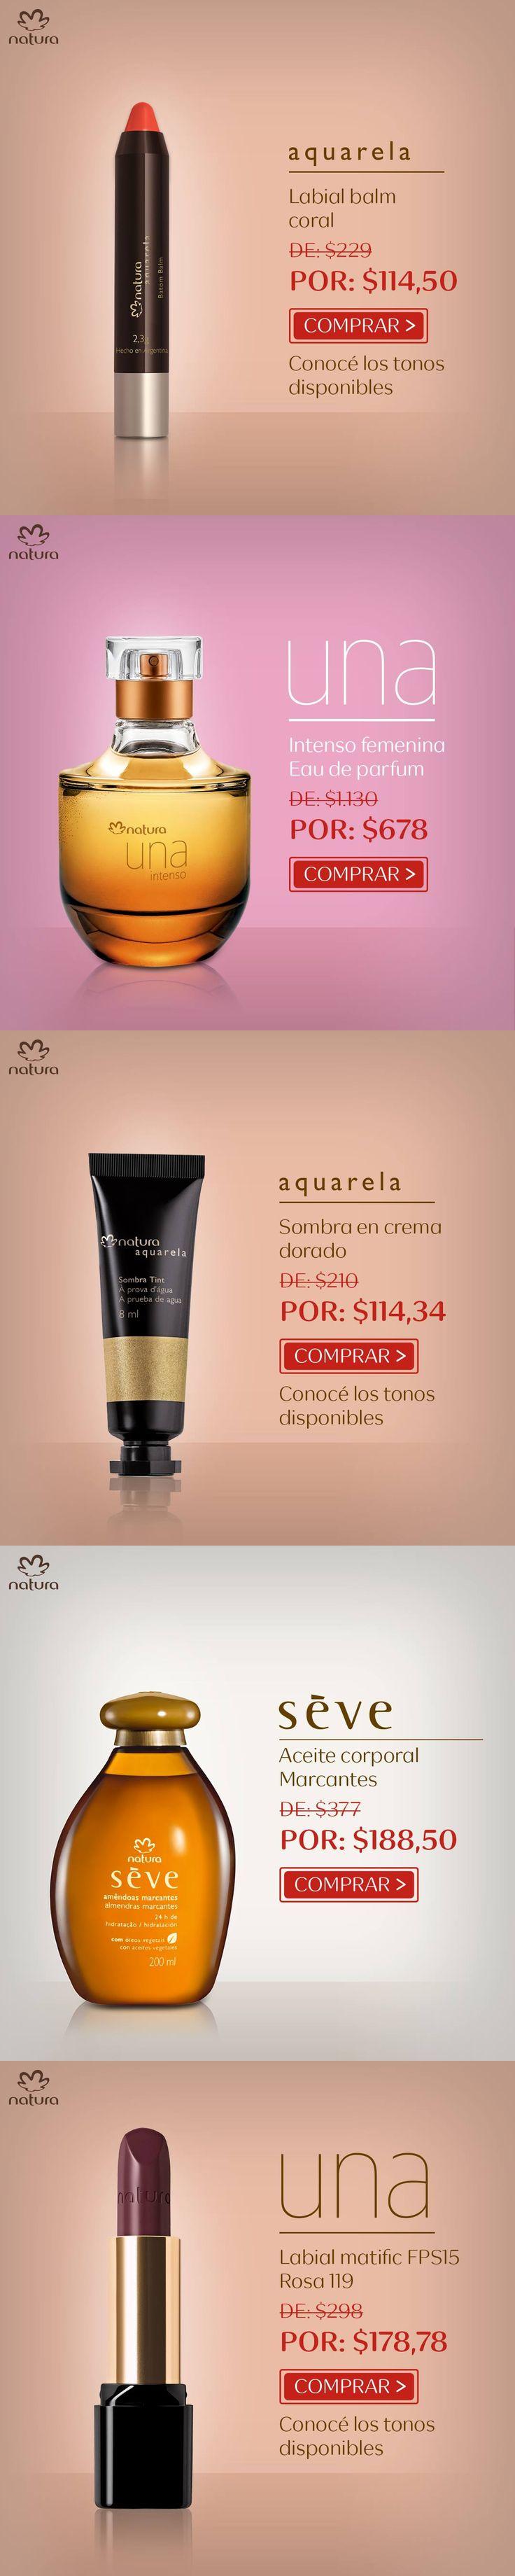 Ofertas para La Republicar Argentina de Natura Cosmeticos en mi Espacio Digital | Descuento Adicional para Clientas VIP | Natura Seve Ekos Una Tododia Maquillaje Perfumes